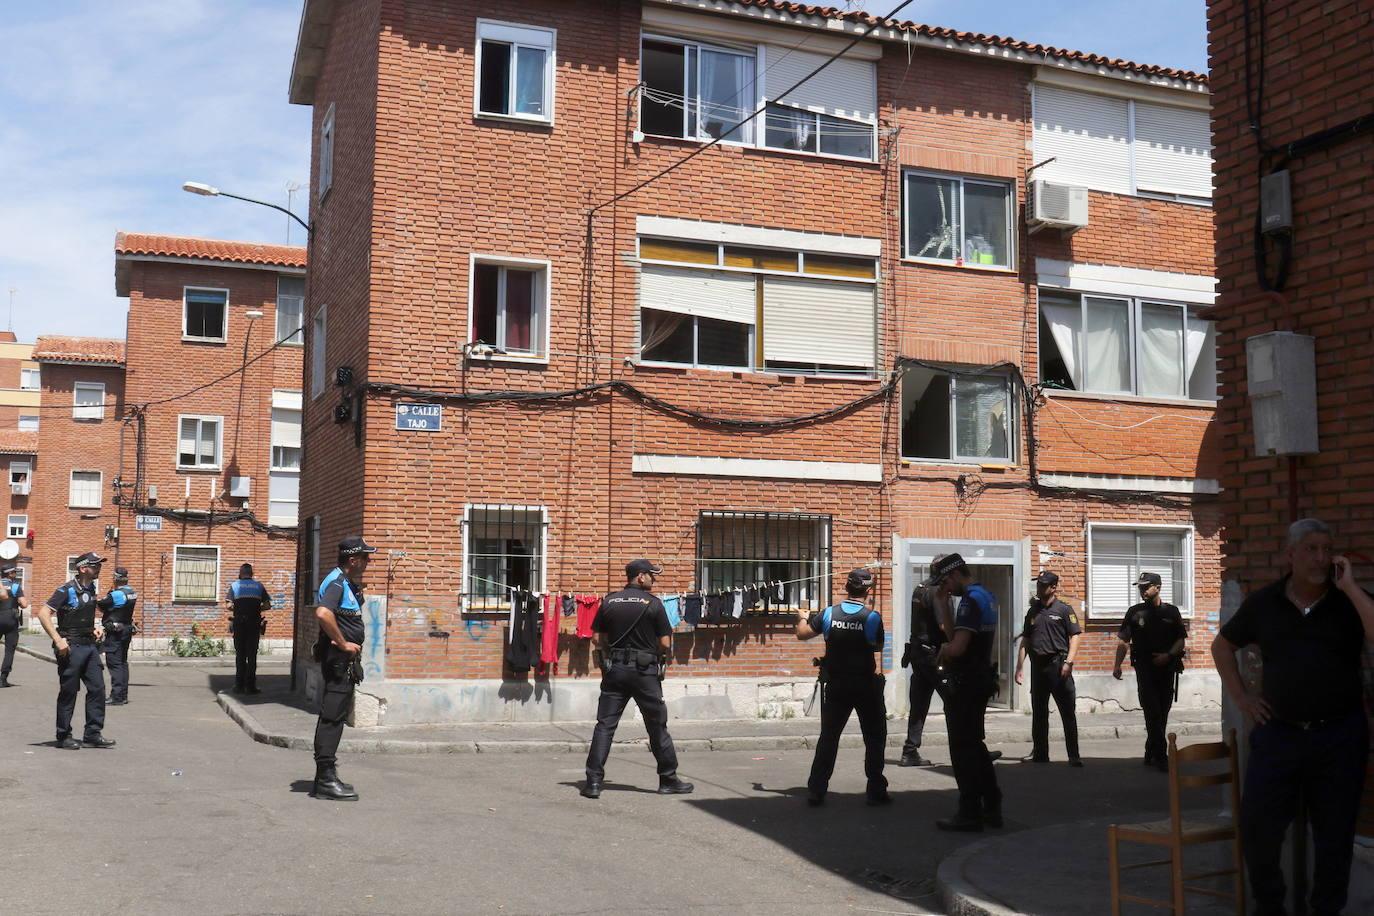 El clan de 'Los Píos' decide irse de Las Viudas tras el tiroteo sin heridos del sábado